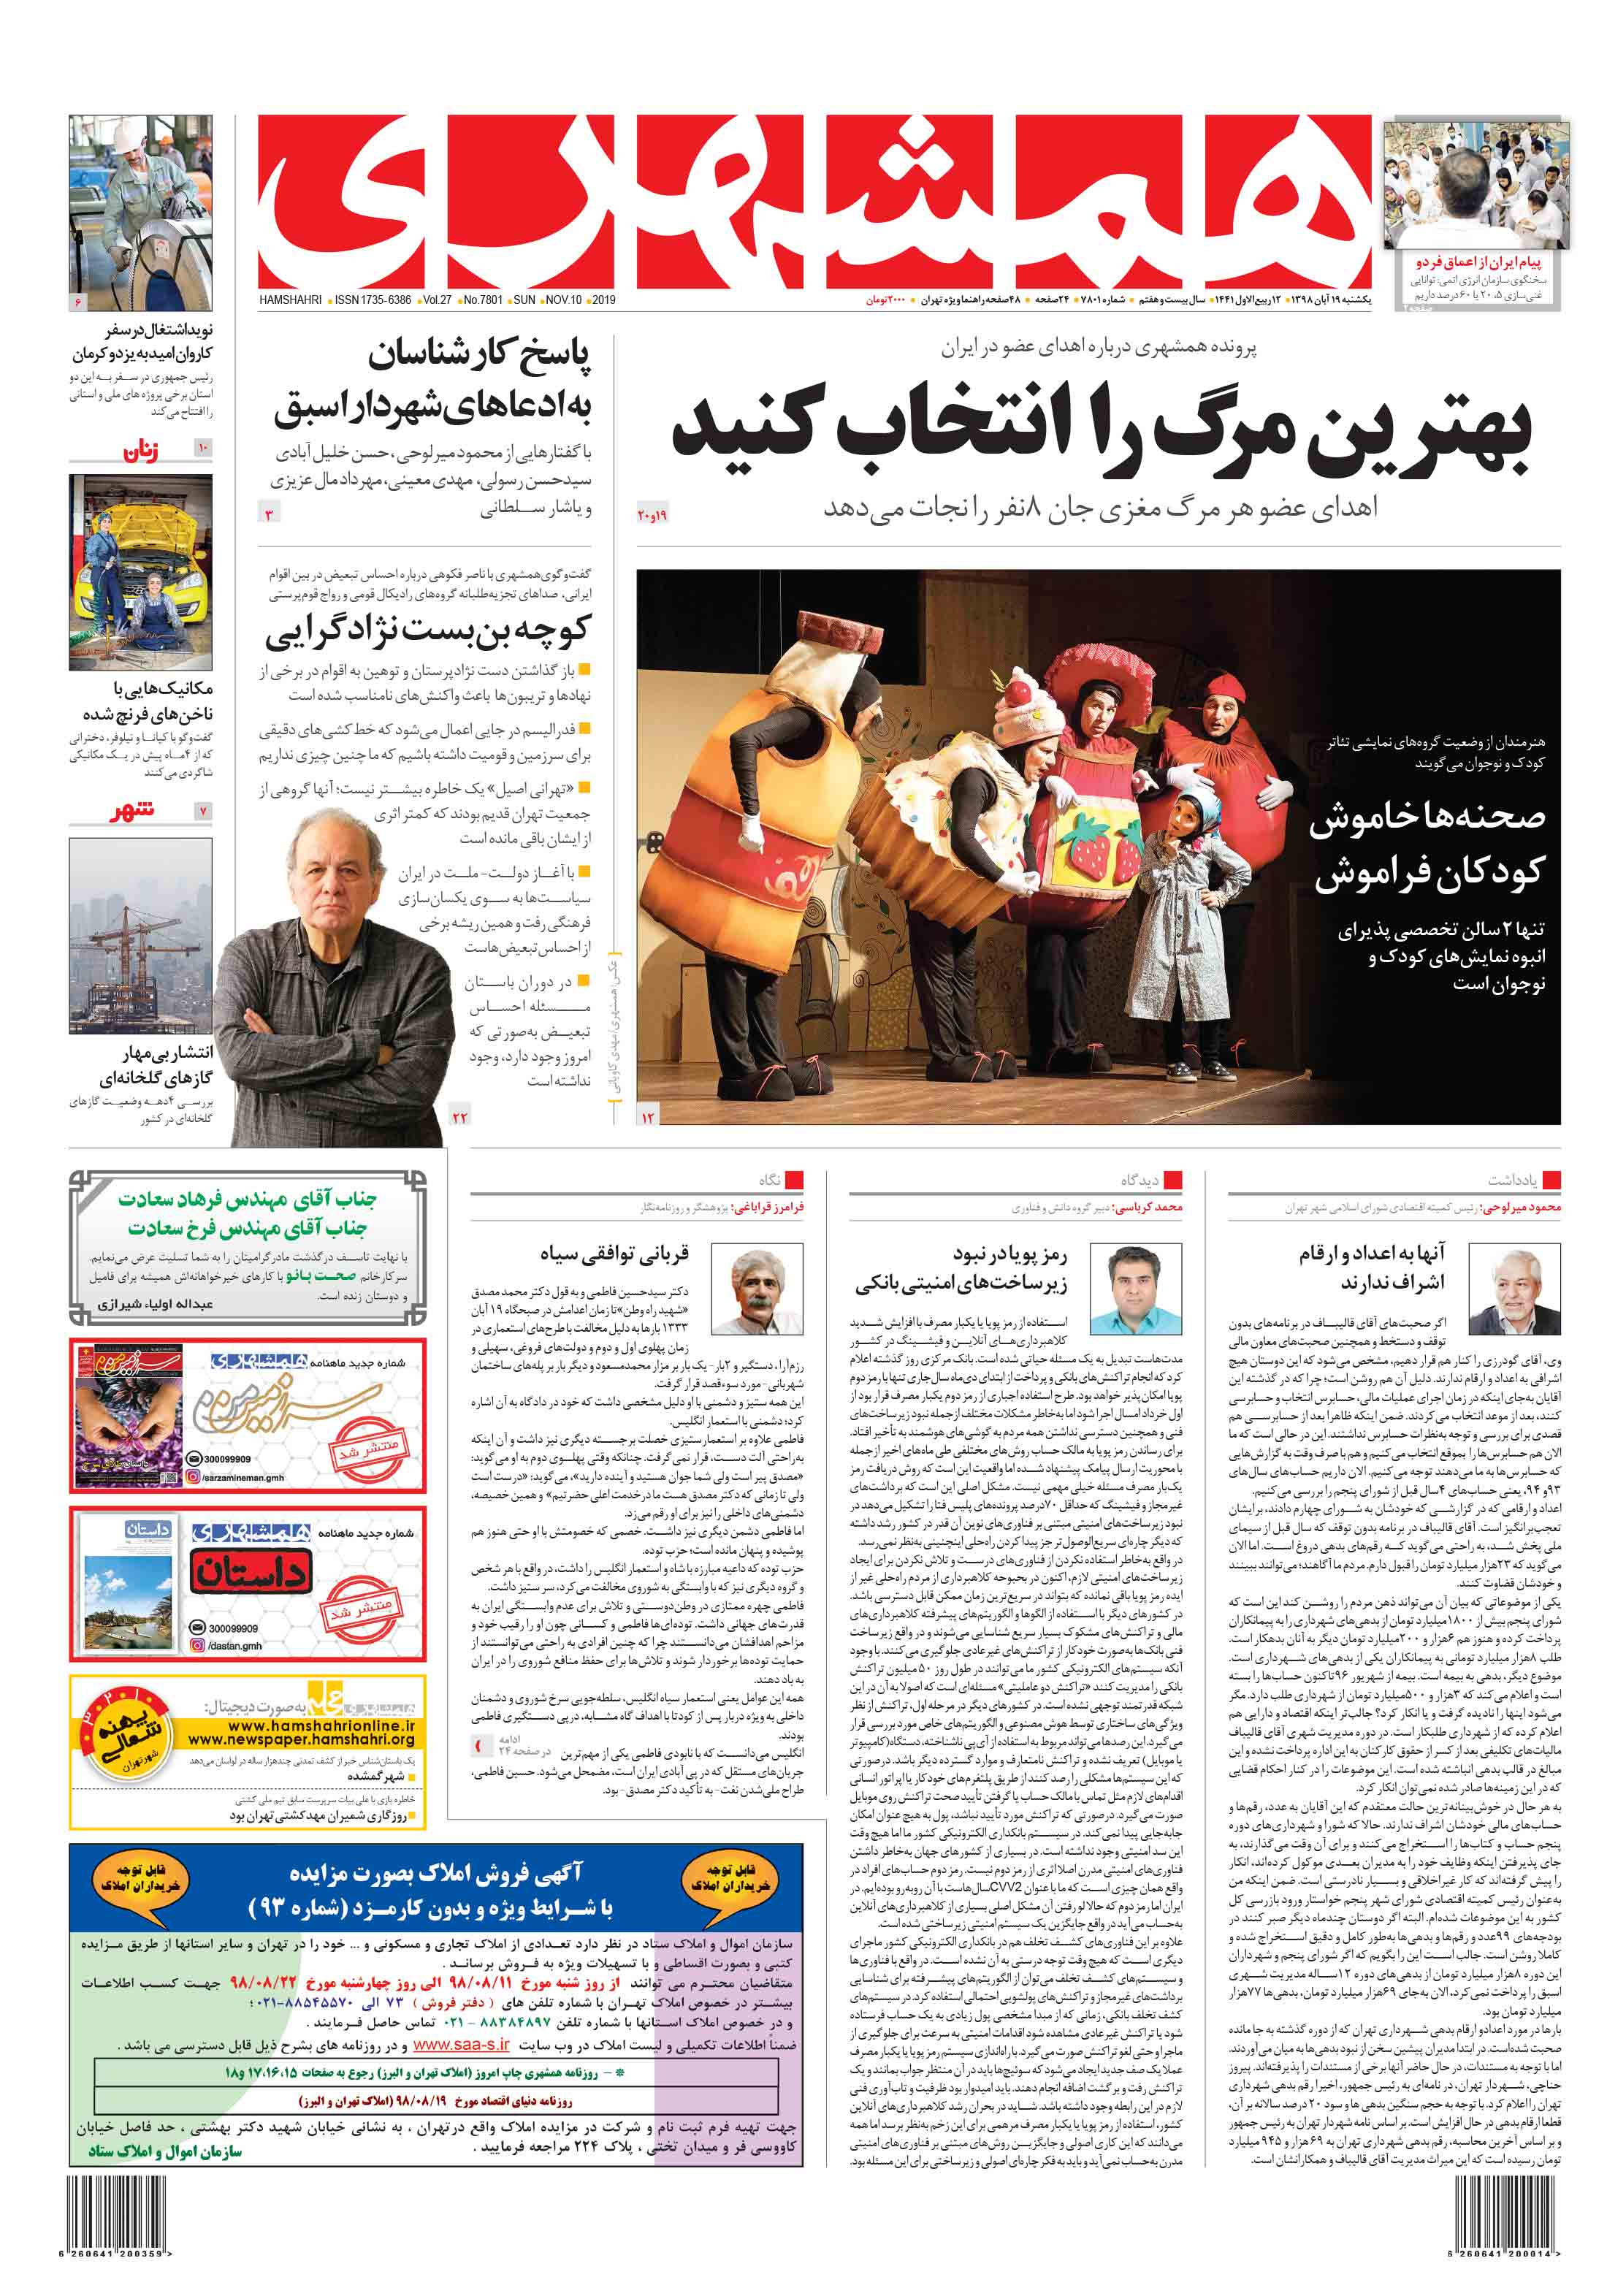 صفحه اول یکشنبه 19 آبان 1398